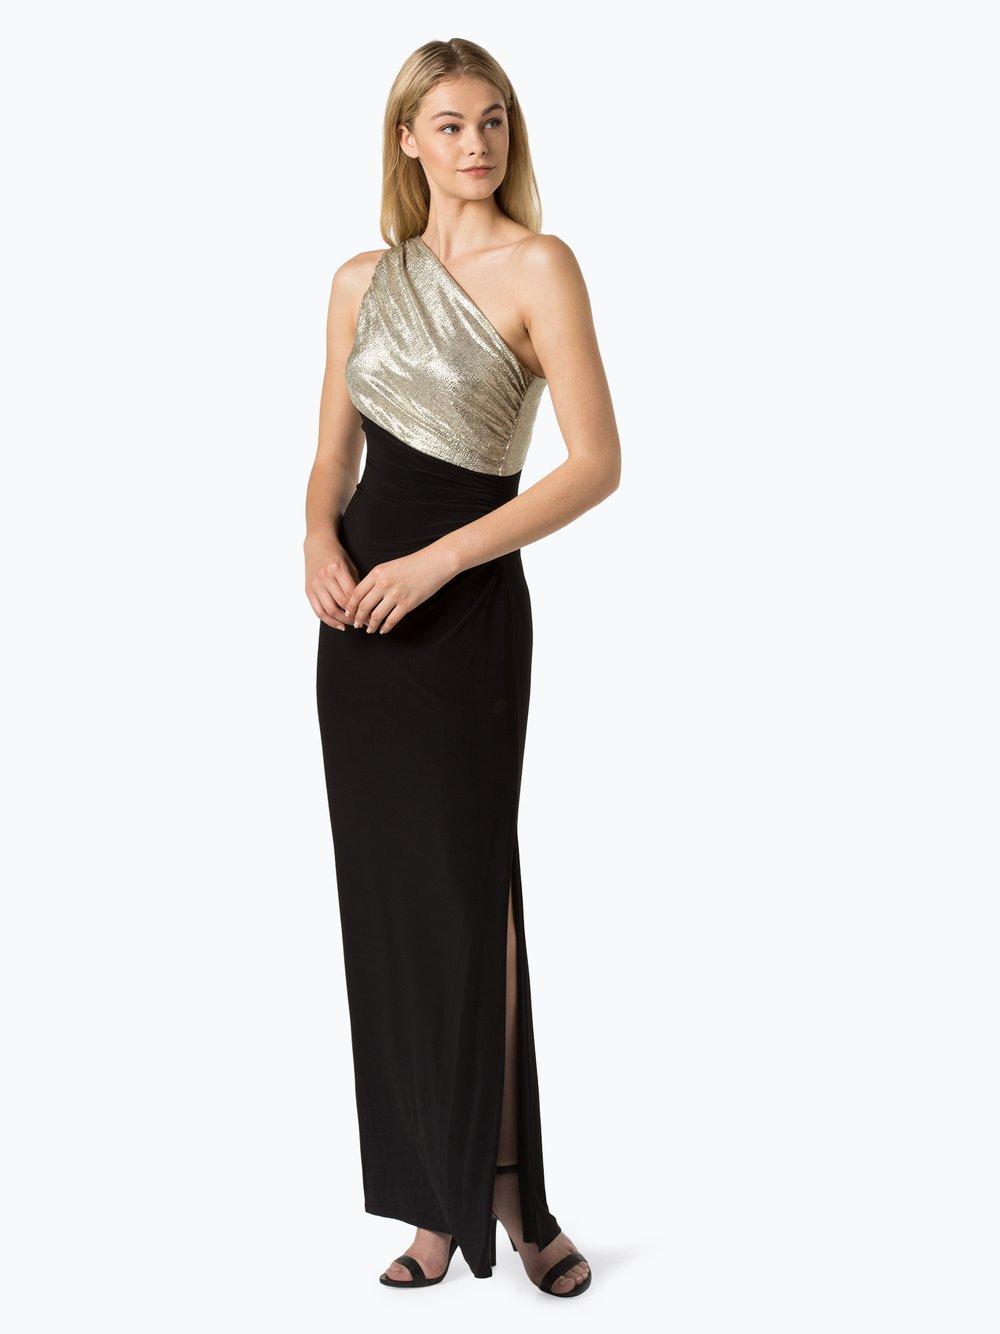 15 Spektakulär Abendkleid Ralph Lauren Vertrieb10 Schön Abendkleid Ralph Lauren Vertrieb